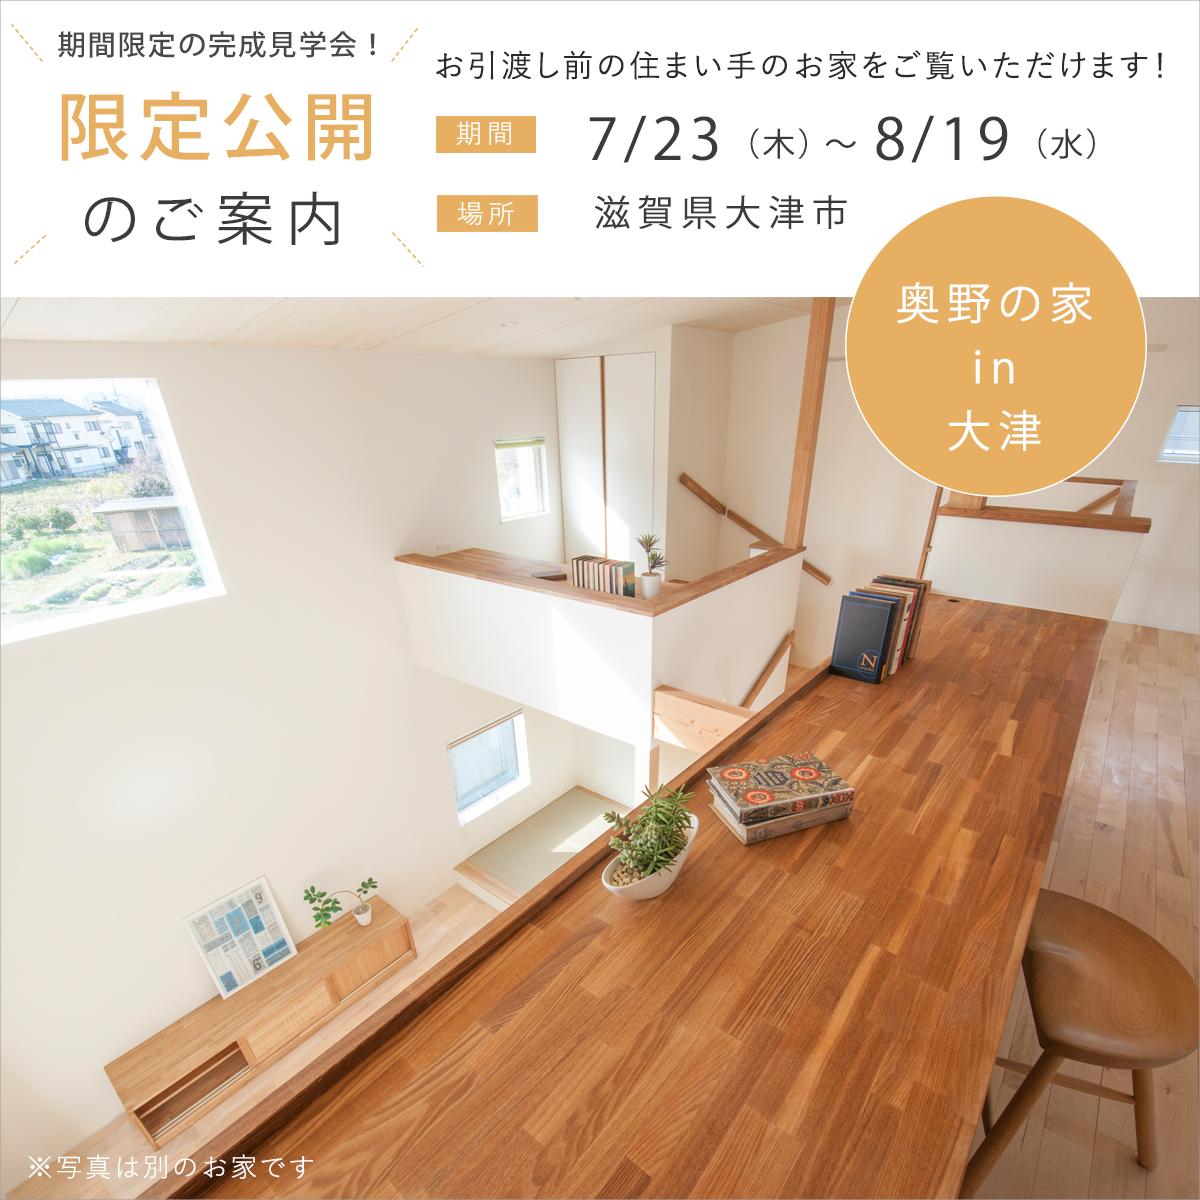 【大津市/新築】完成見学会のお知らせ